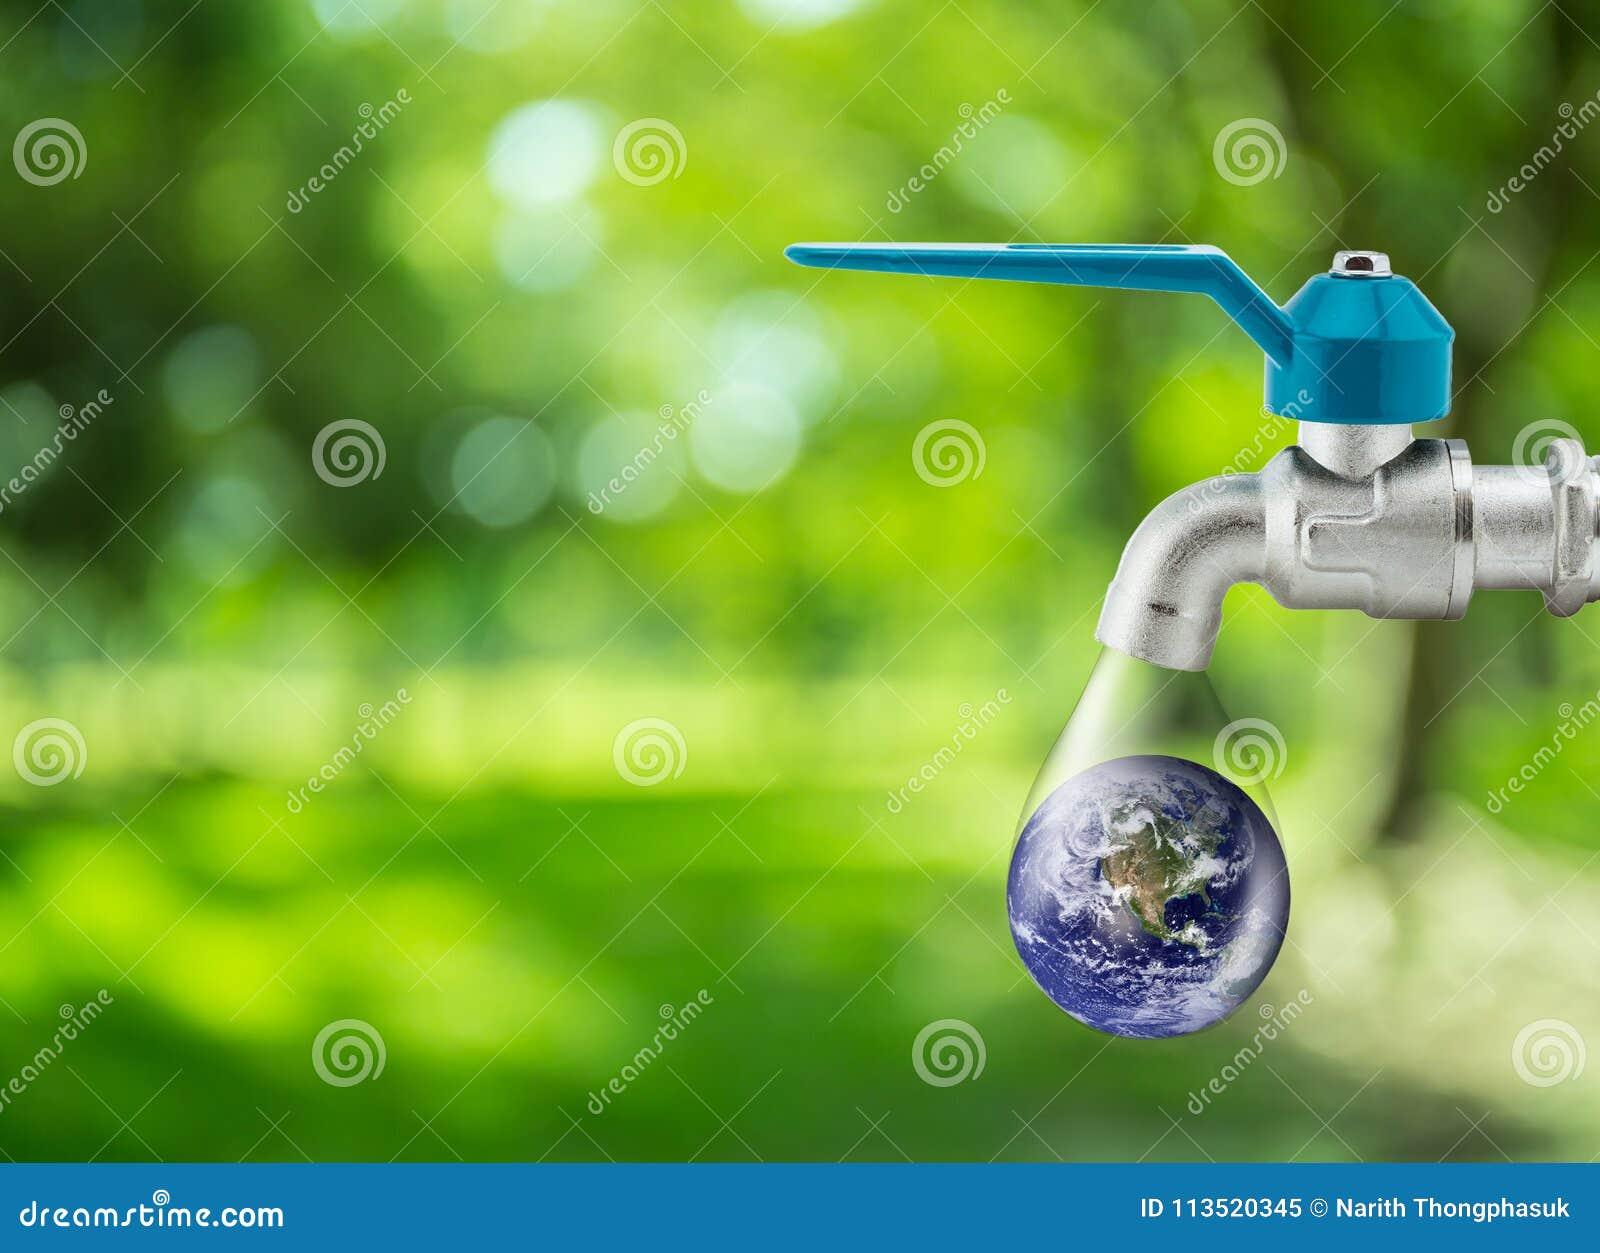 Gota da água que corre do reflorestamento do aqua da economia da torneira do torneira conceptual